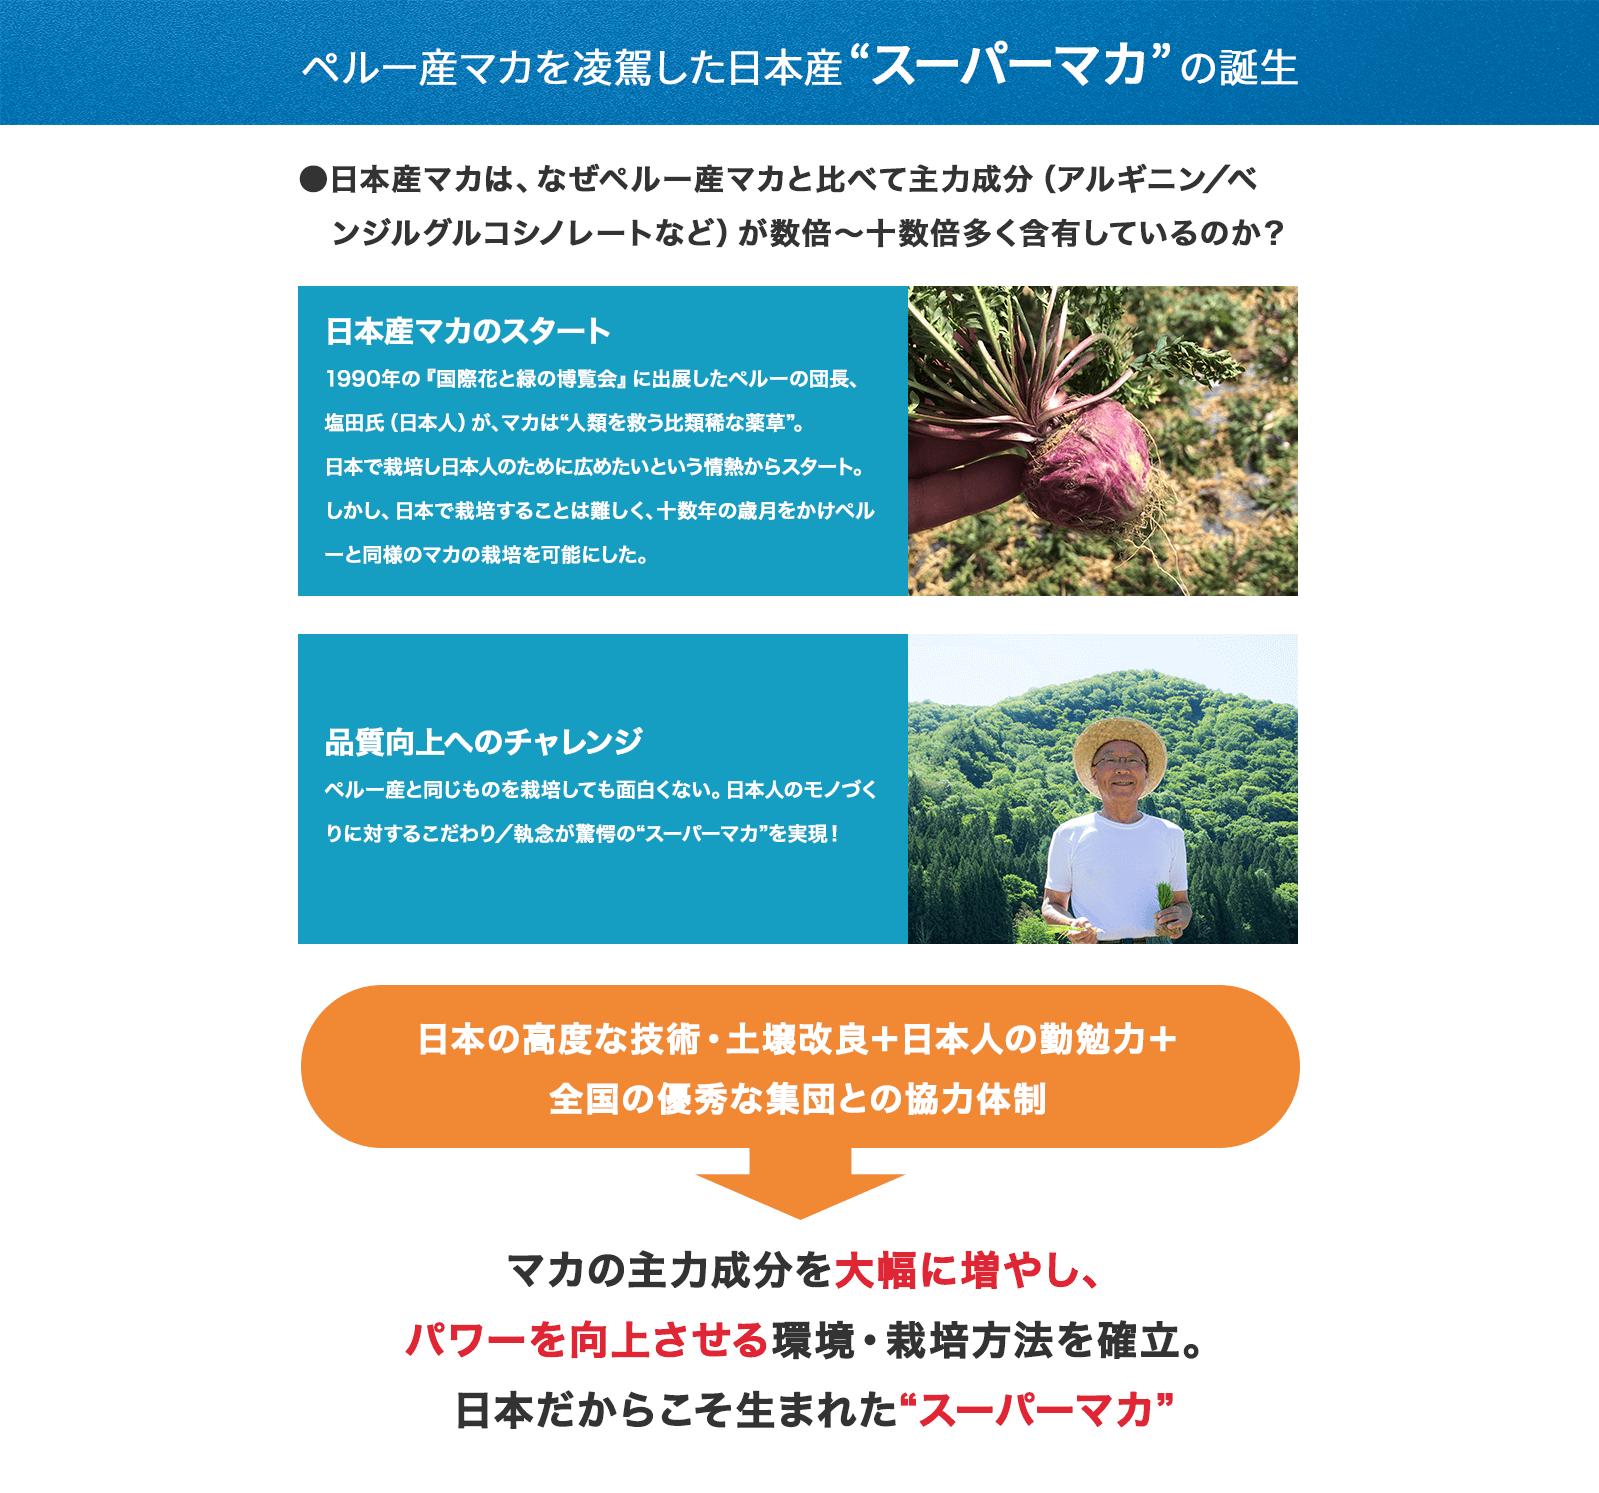 """ペルー産マカを凌駕した日本産""""スーパーマカ""""の誕生"""